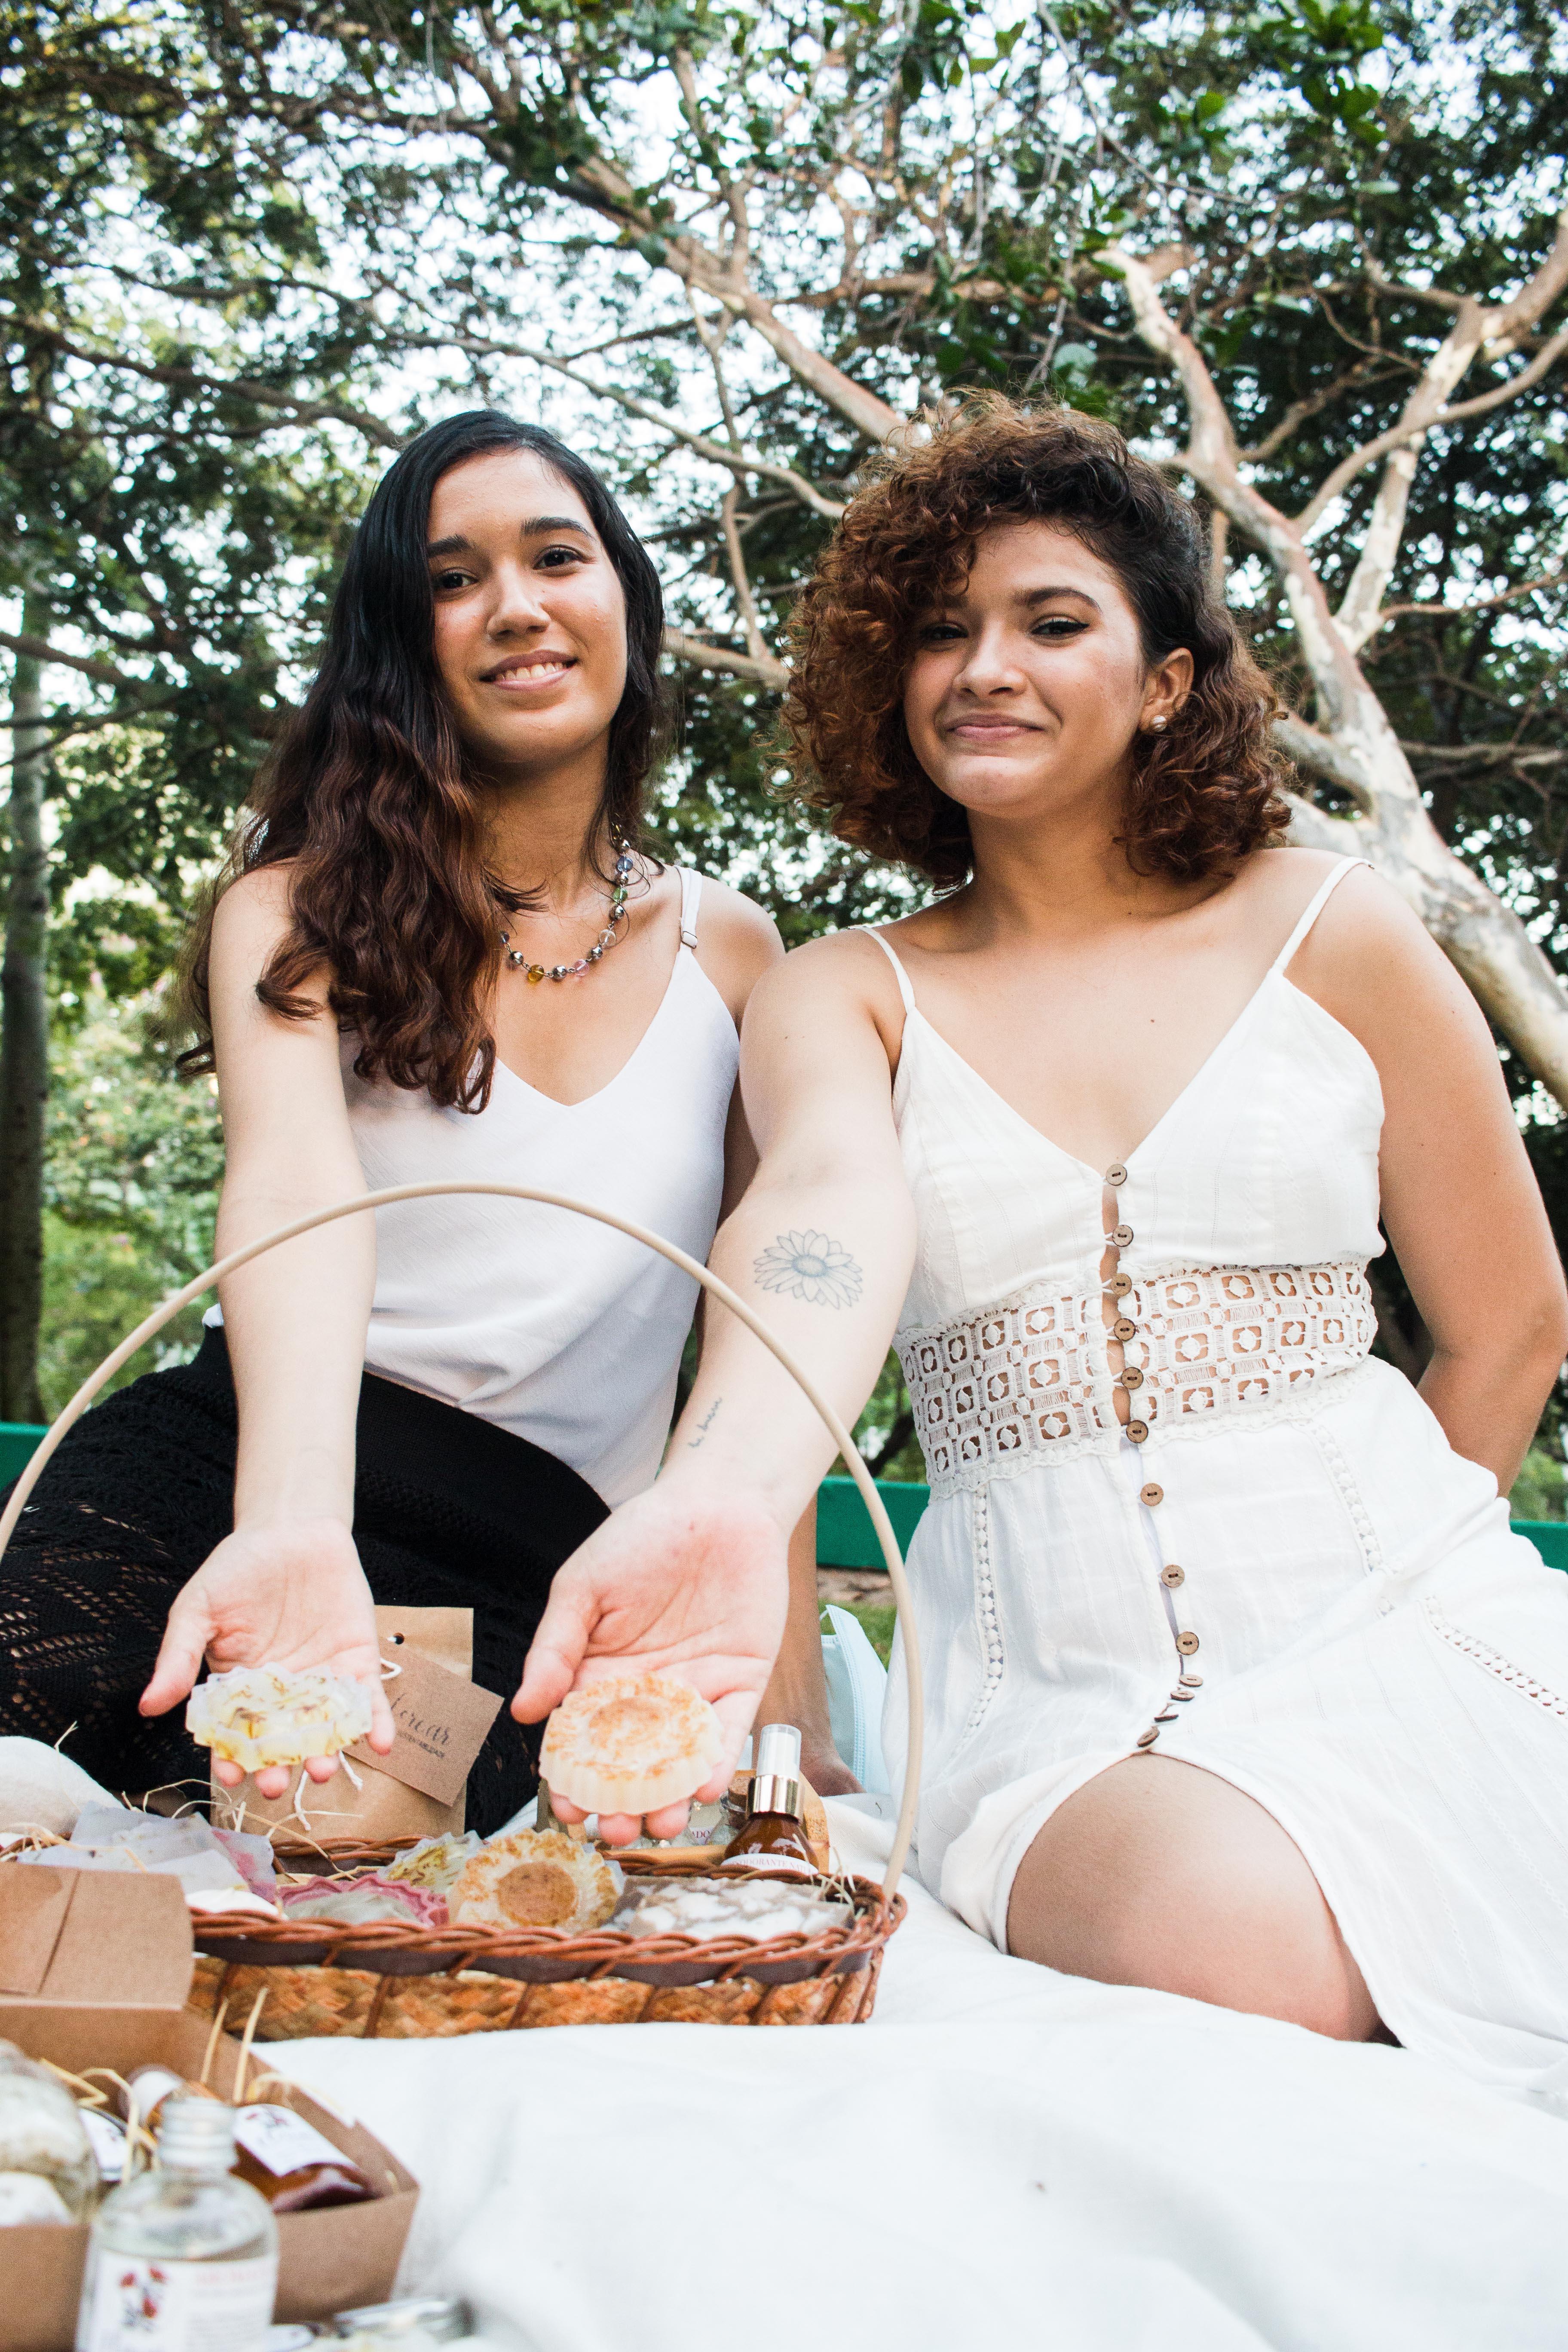 (Foto: Fernanda Barros)Maria Clara Albuquerque, 20, e Mikaely Barreto, 21, dividem o mesmo interesse pela cosmetologia natural, que levou ao surgimento da Florear